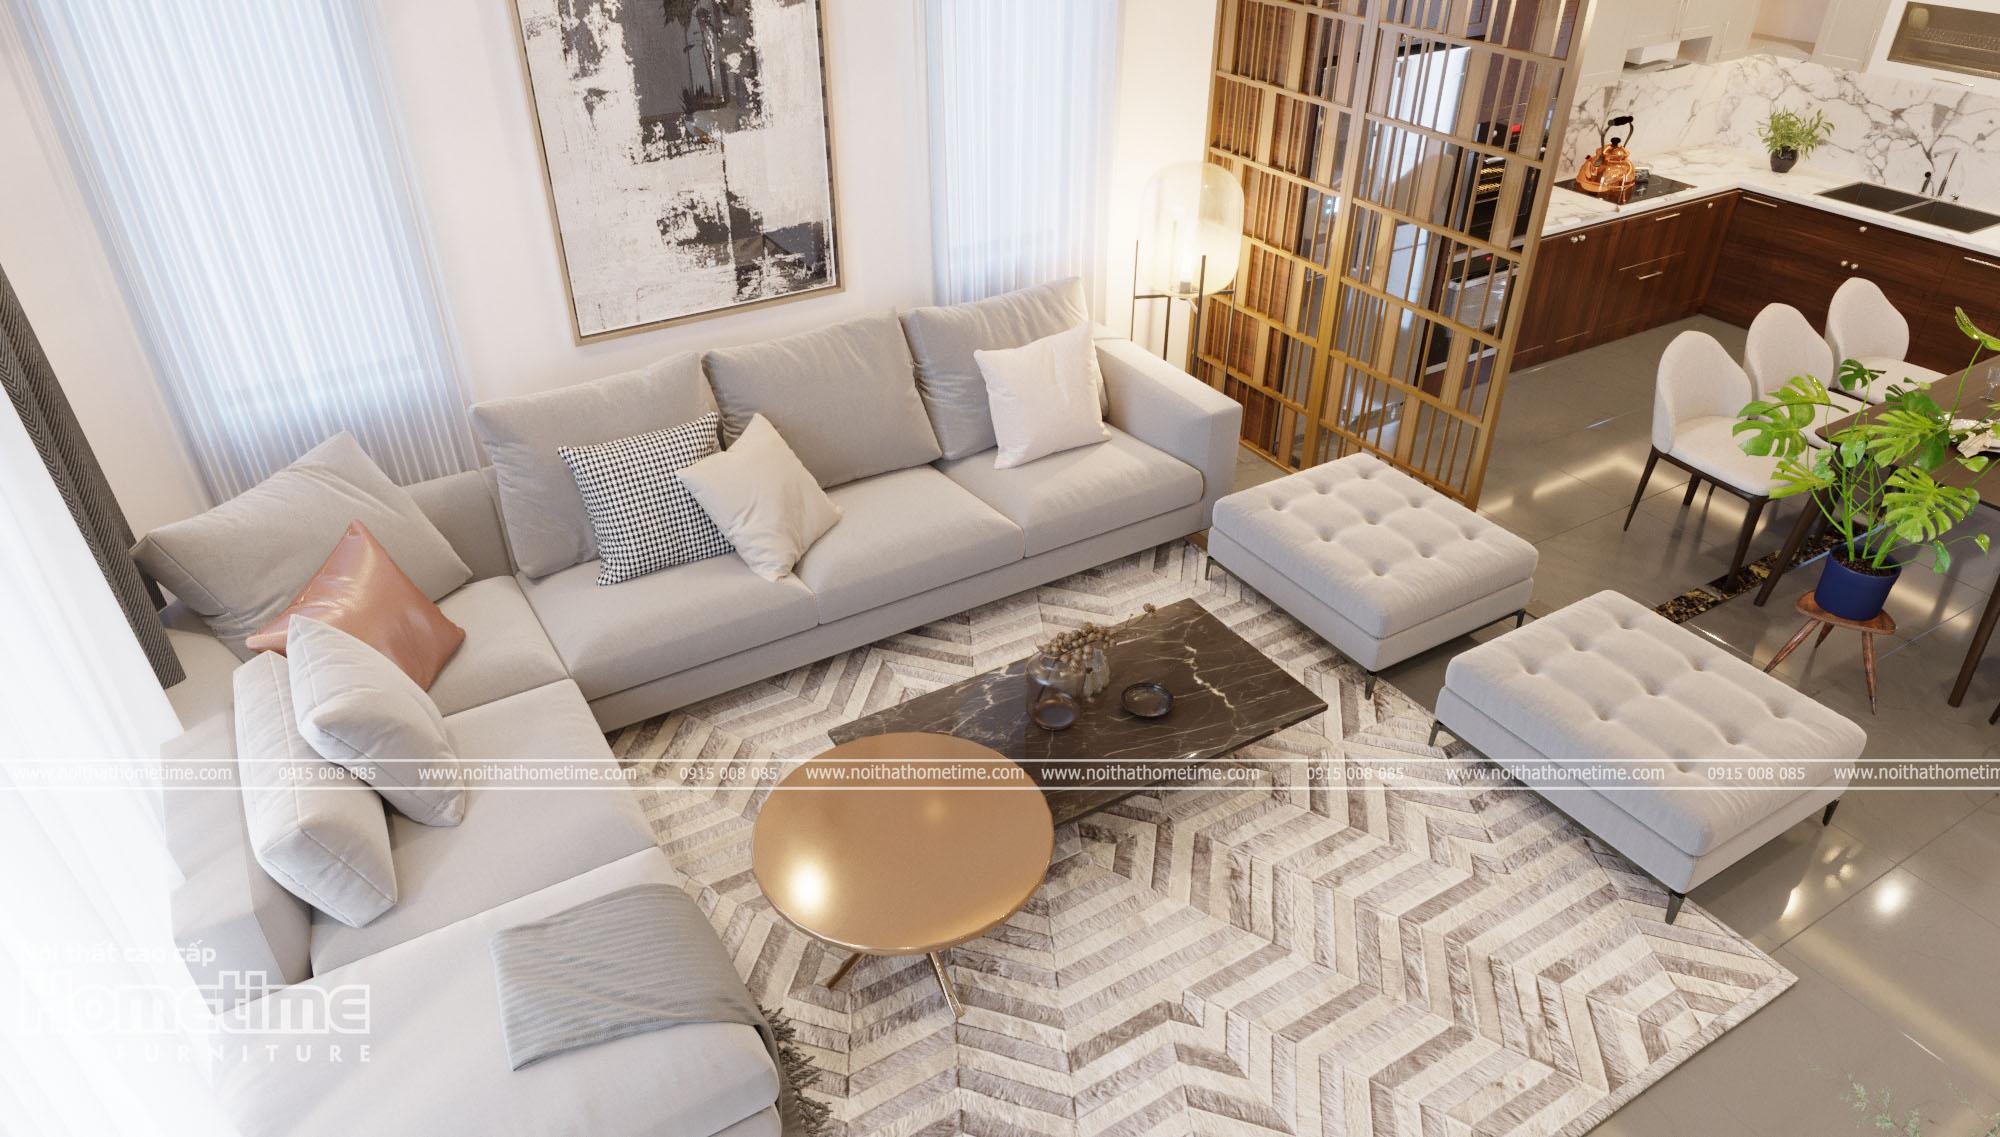 Thiết kế nội thất phòng khách - Bộ sofa nhập khẩu hiện đại